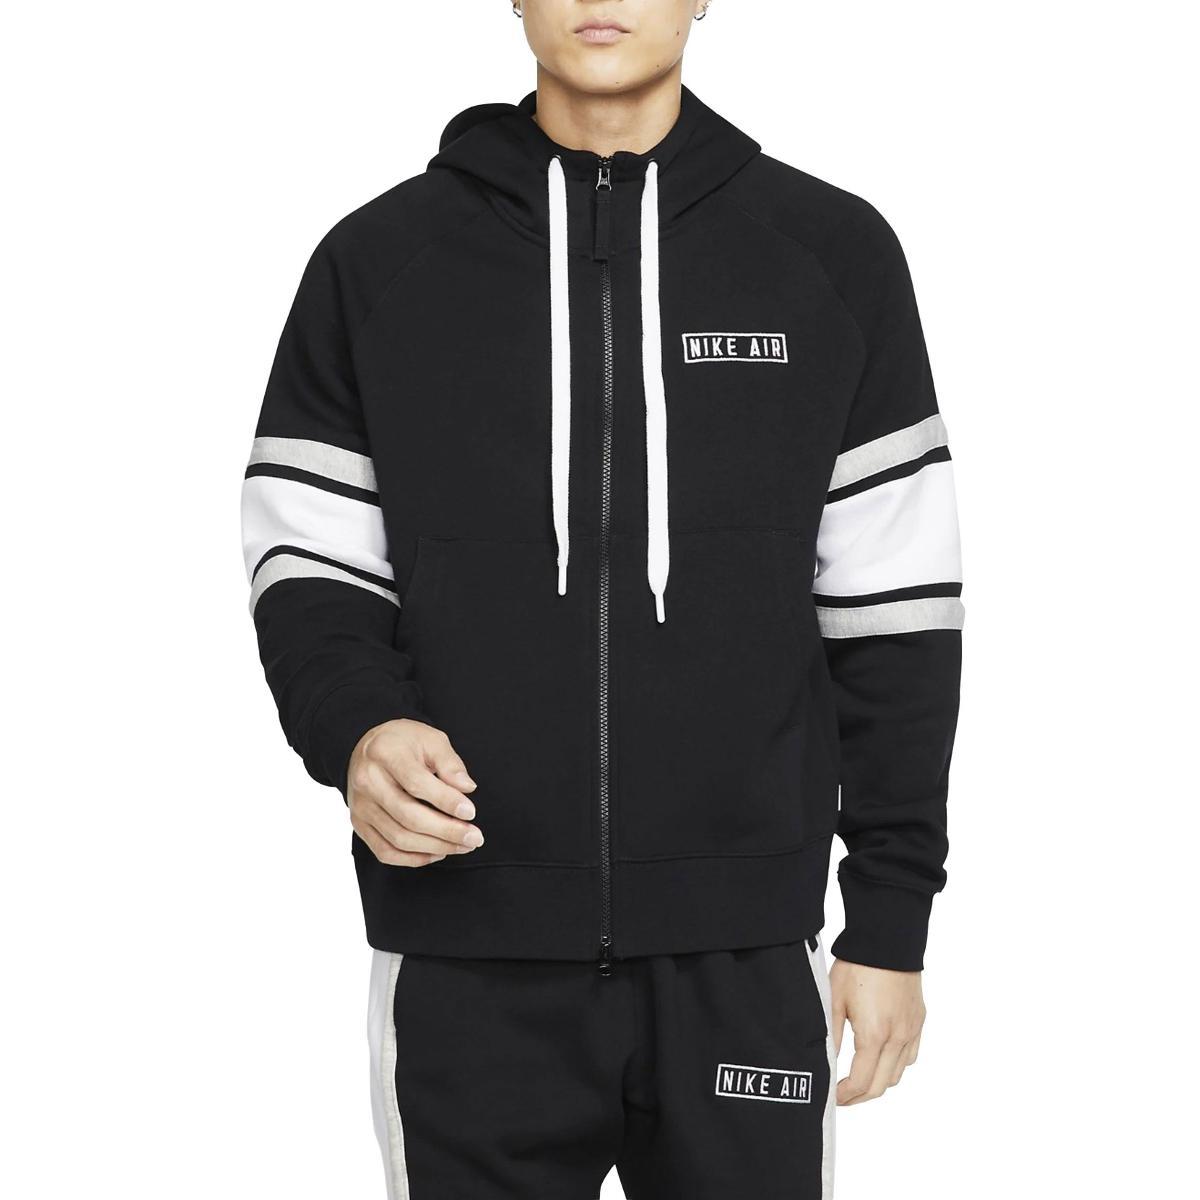 Felpa Nike Air in fleece con cappuccio e zip da uomo rif. BV5149